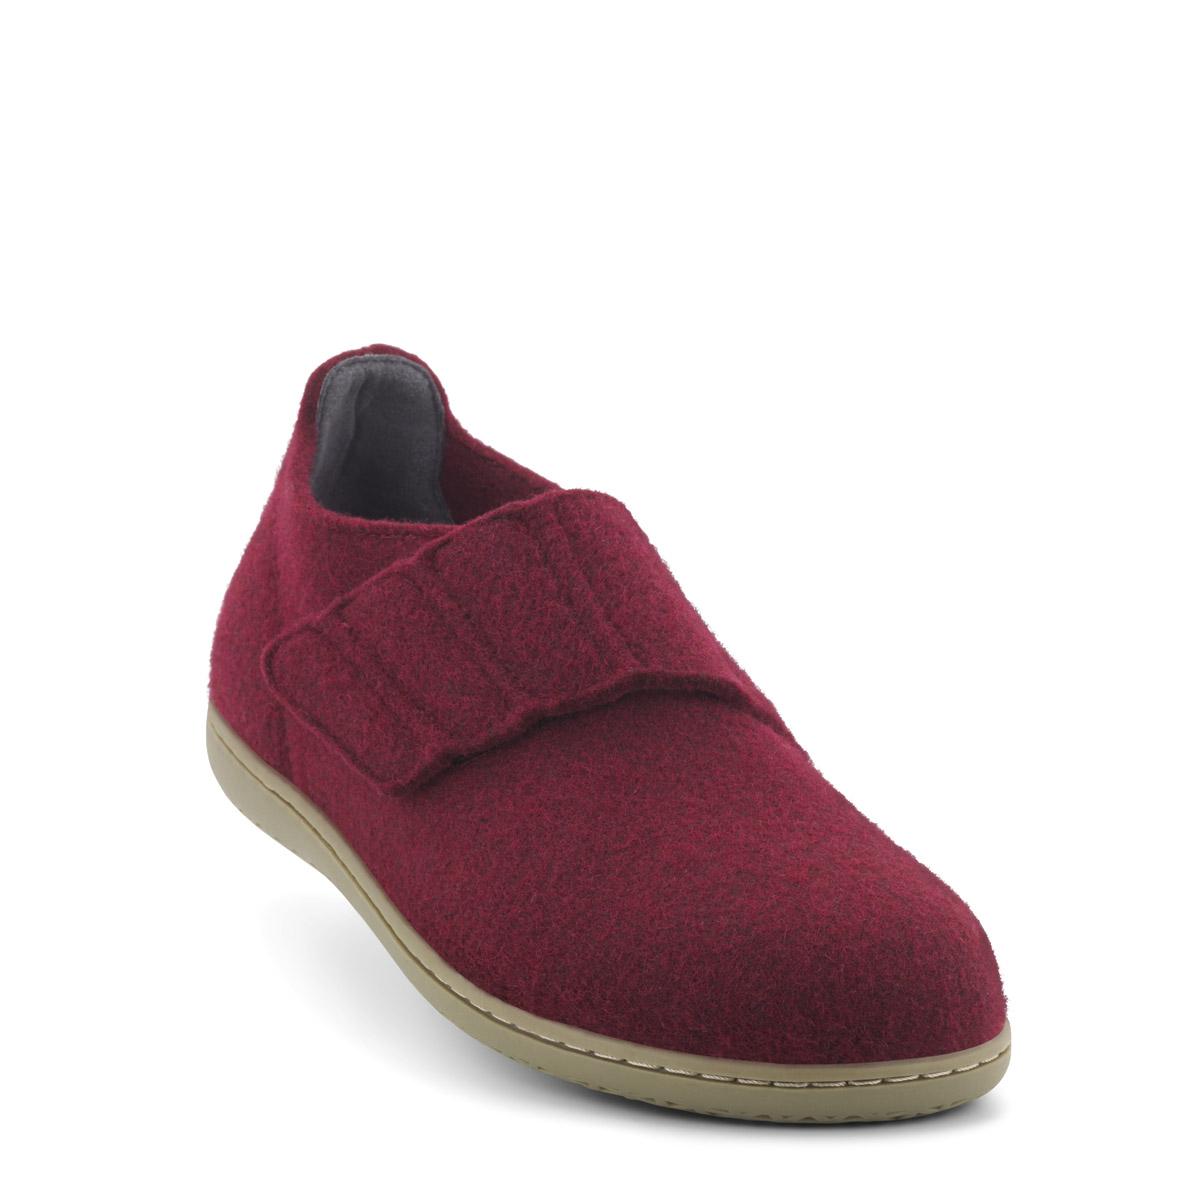 New Feet uldfiltet hjemmesko, bordeaux